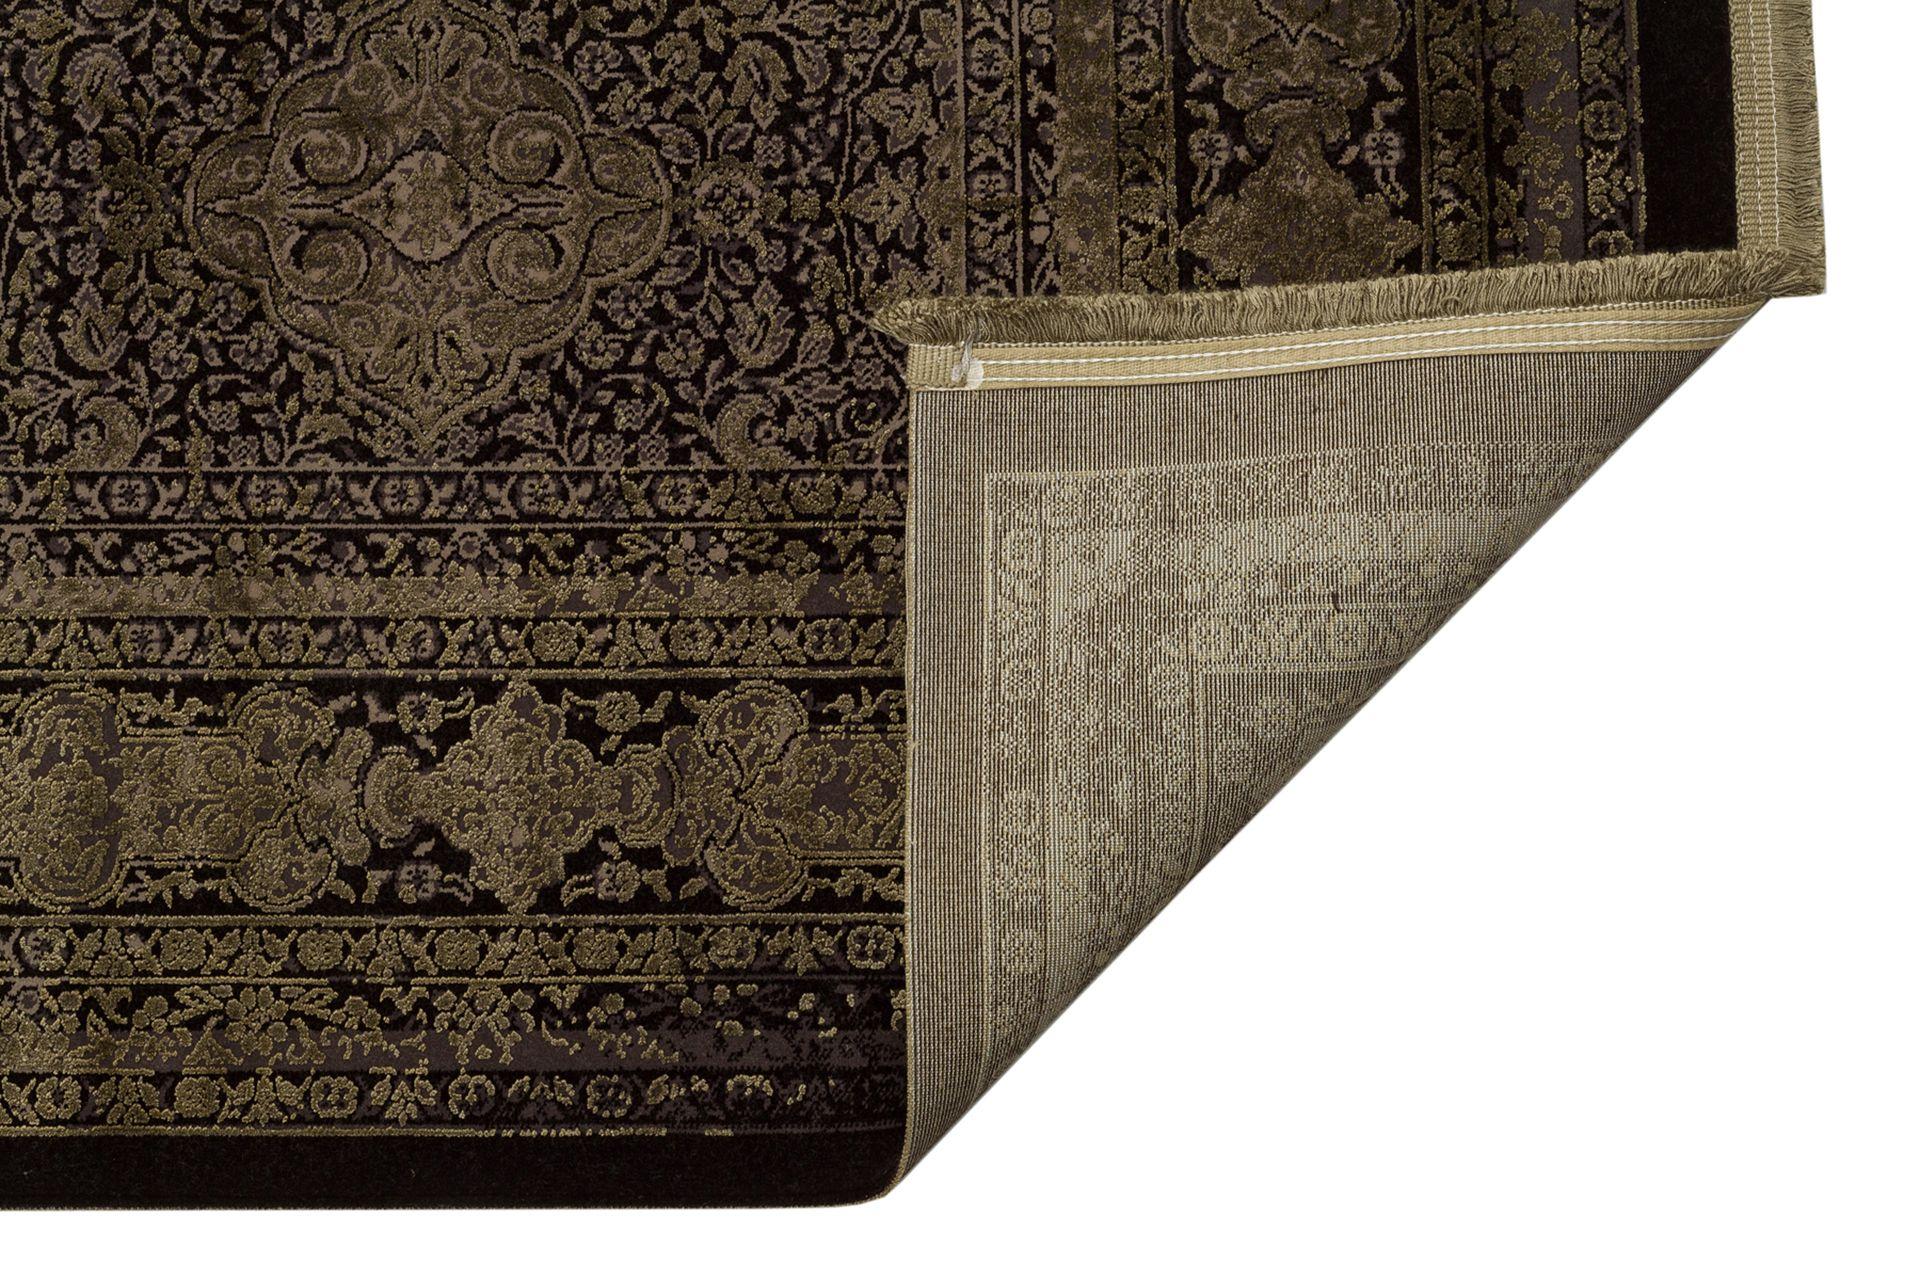 ANADOLU AD 02 ANTRASİT YEŞİL KLASİK DESENLİ SALON HALISI 160x230